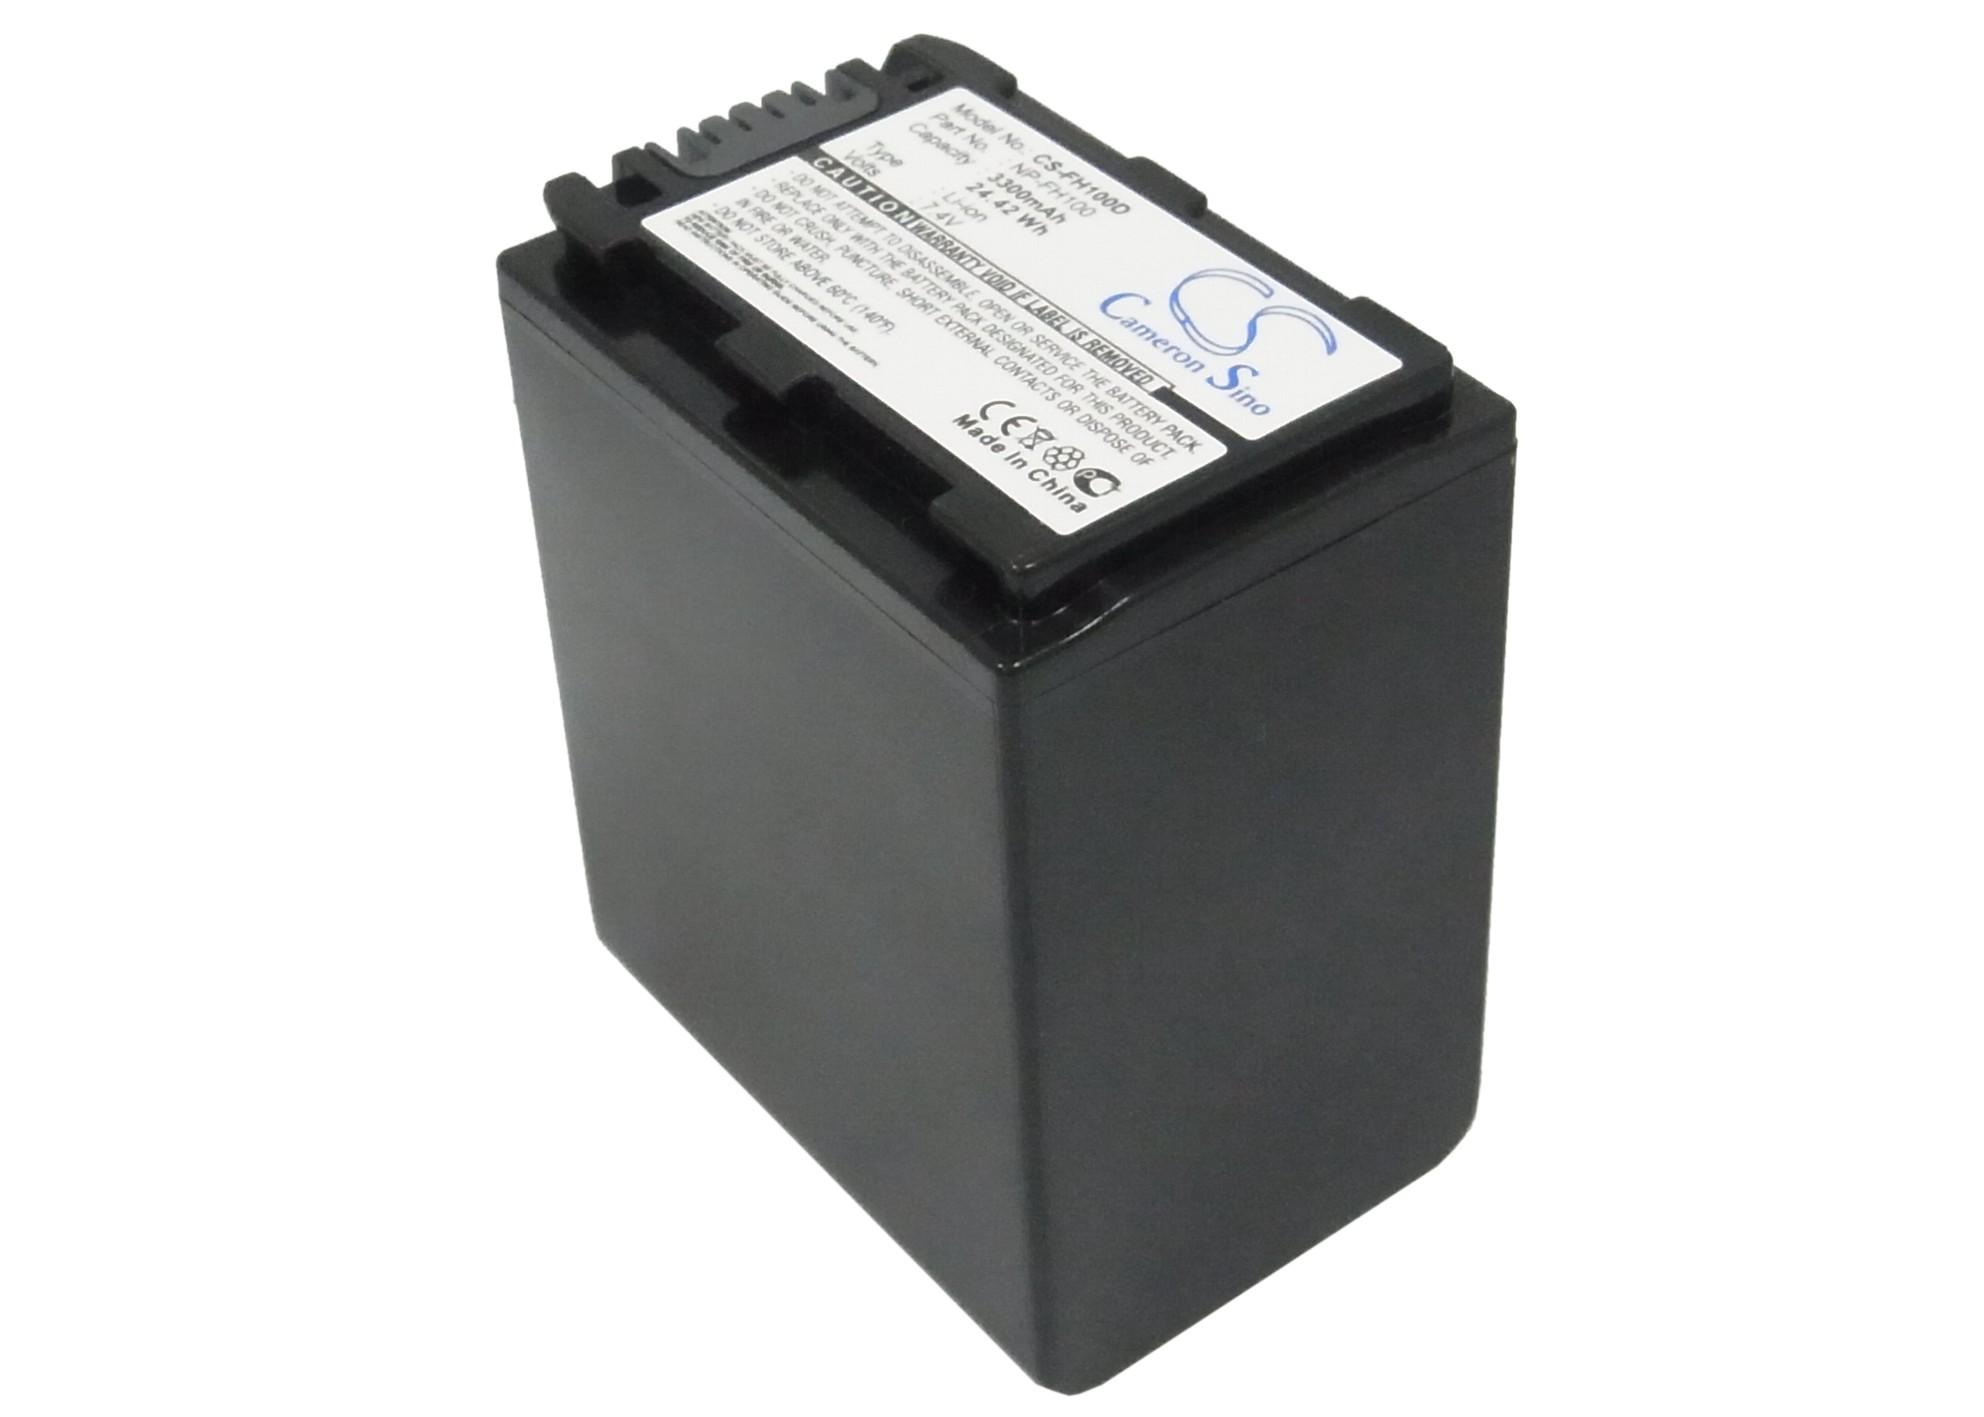 Cameron Sino baterie do kamer a fotoaparátů pro SONY DCR-HC42 7.4V Li-ion 3300mAh tmavě šedá - neoriginální